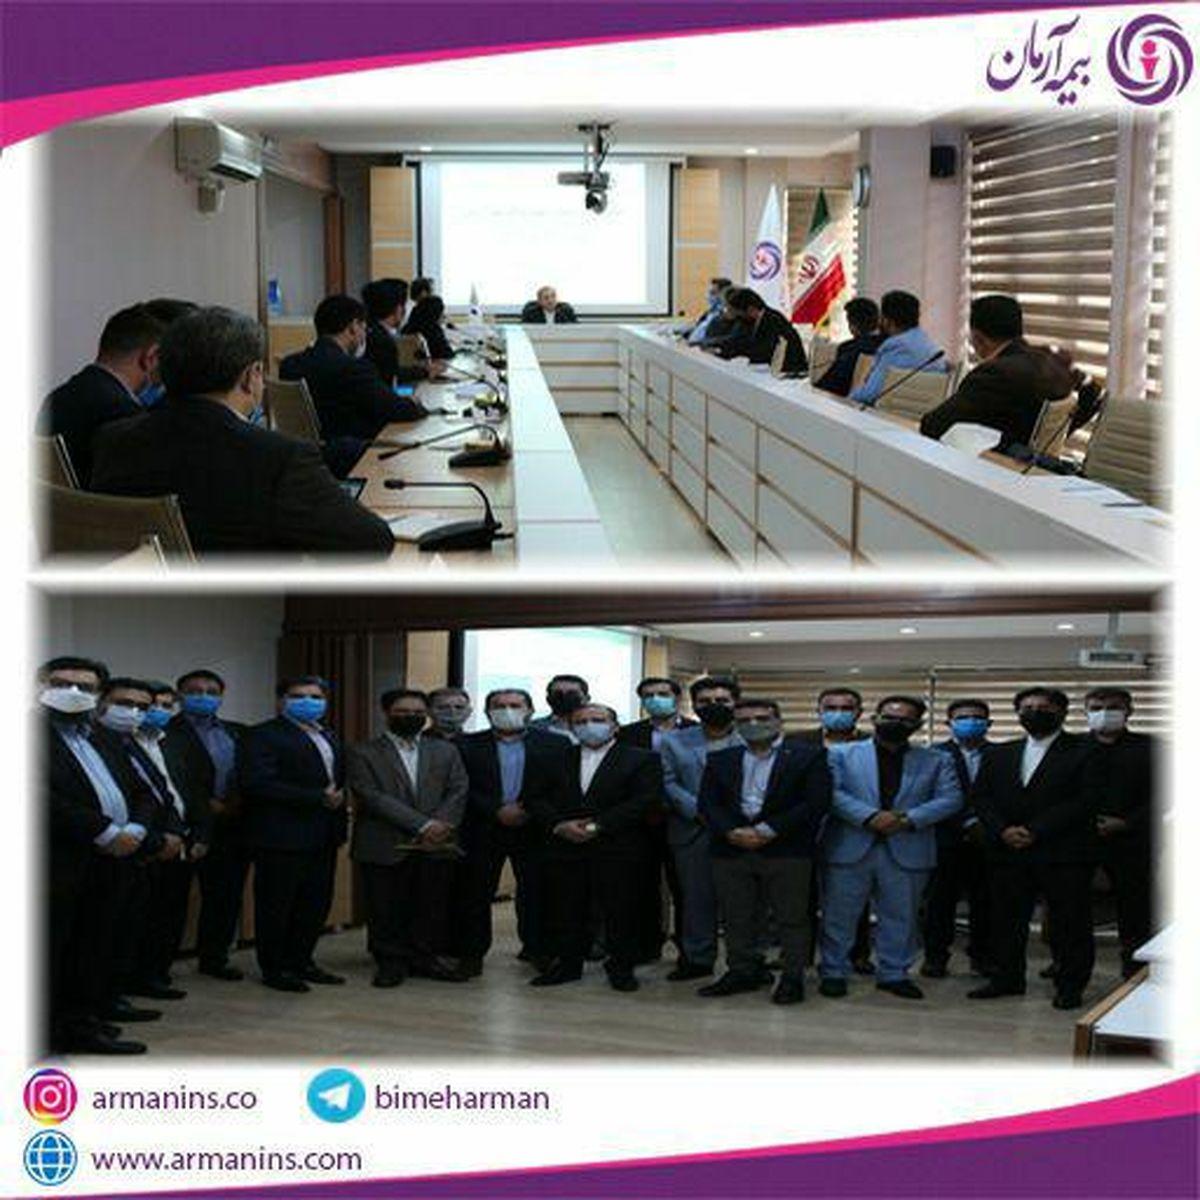 برگزاری چهارمین جلسه برای تشریح برنامه های سال جاری بیمه آرمان